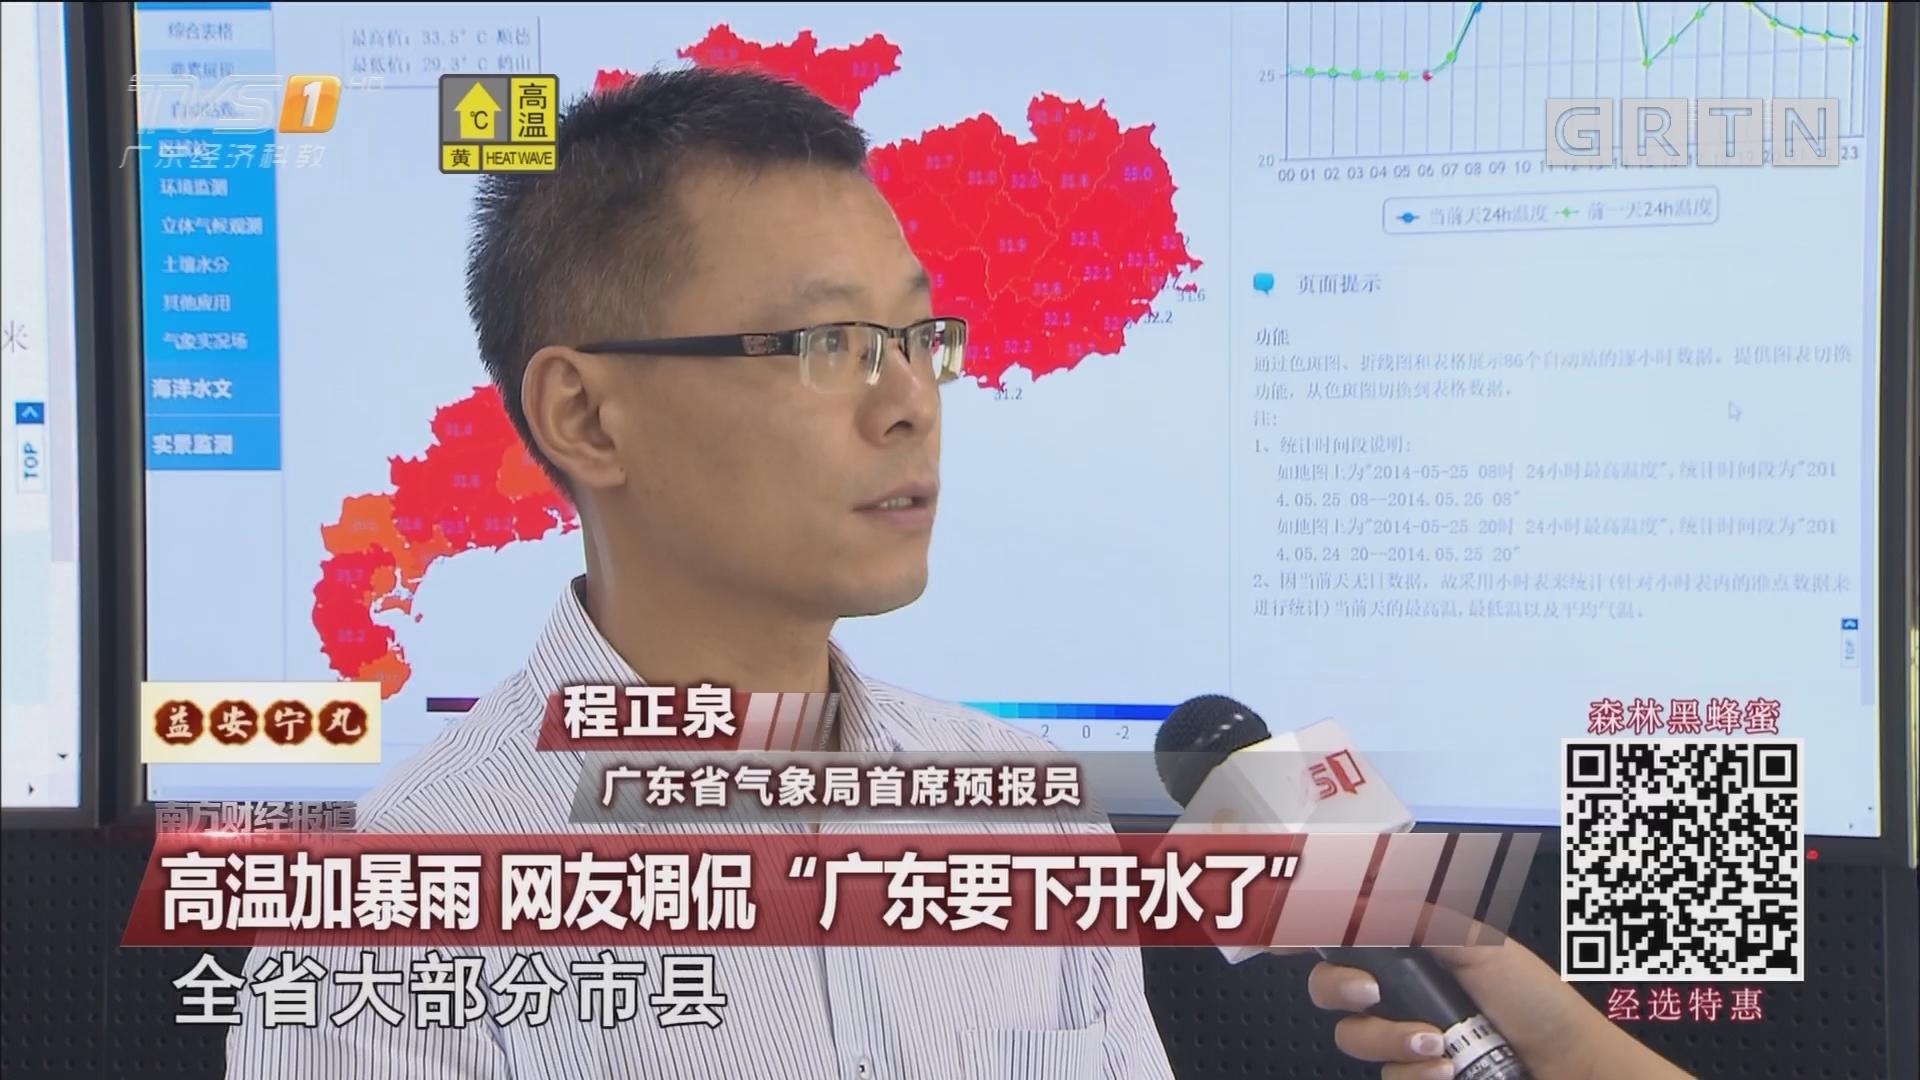 """高温加暴雨 网友调侃""""广东要下开水了"""""""